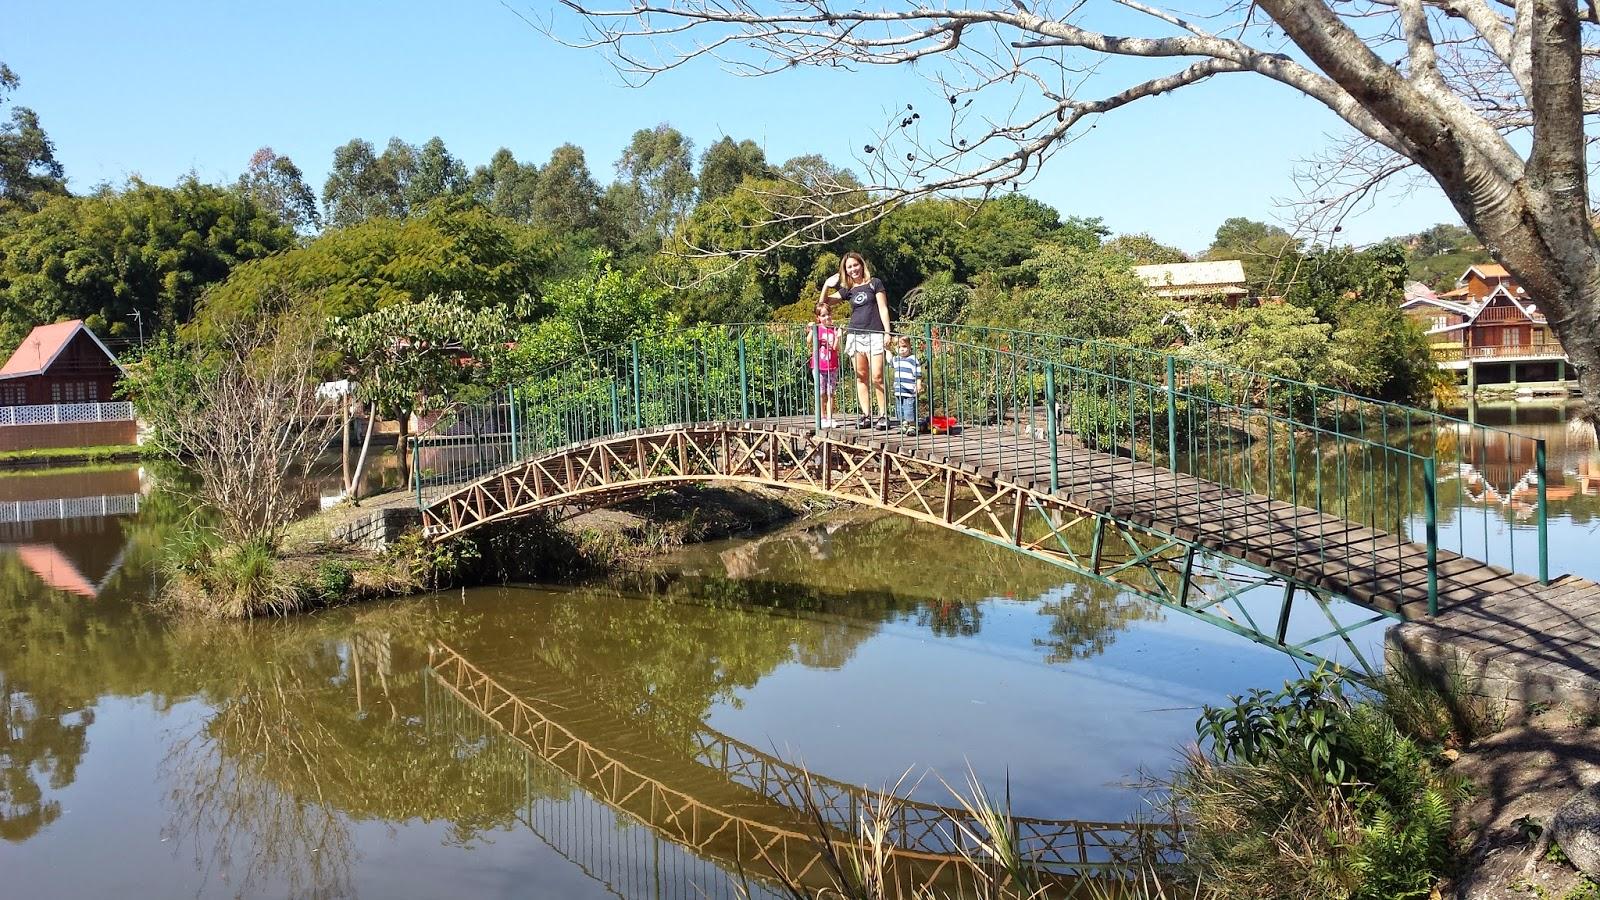 Bora pro Camping: Atibaia Campo De 01 a 03 de agosto de 2014. #2580A6 1600x900 Banheiro Bbb 2014